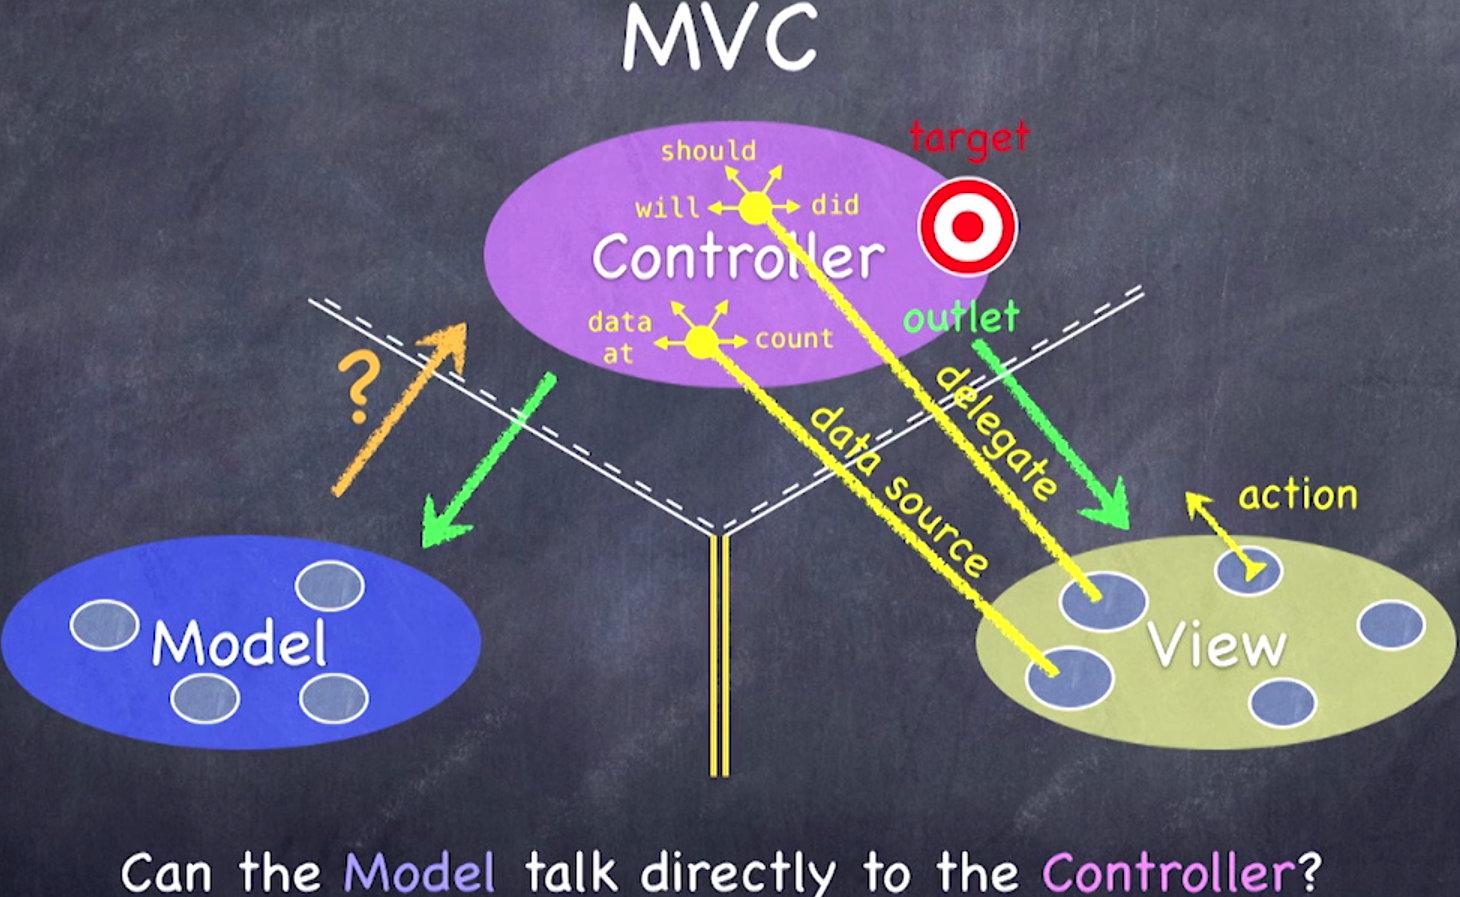 模型能直接通知控制器吗?